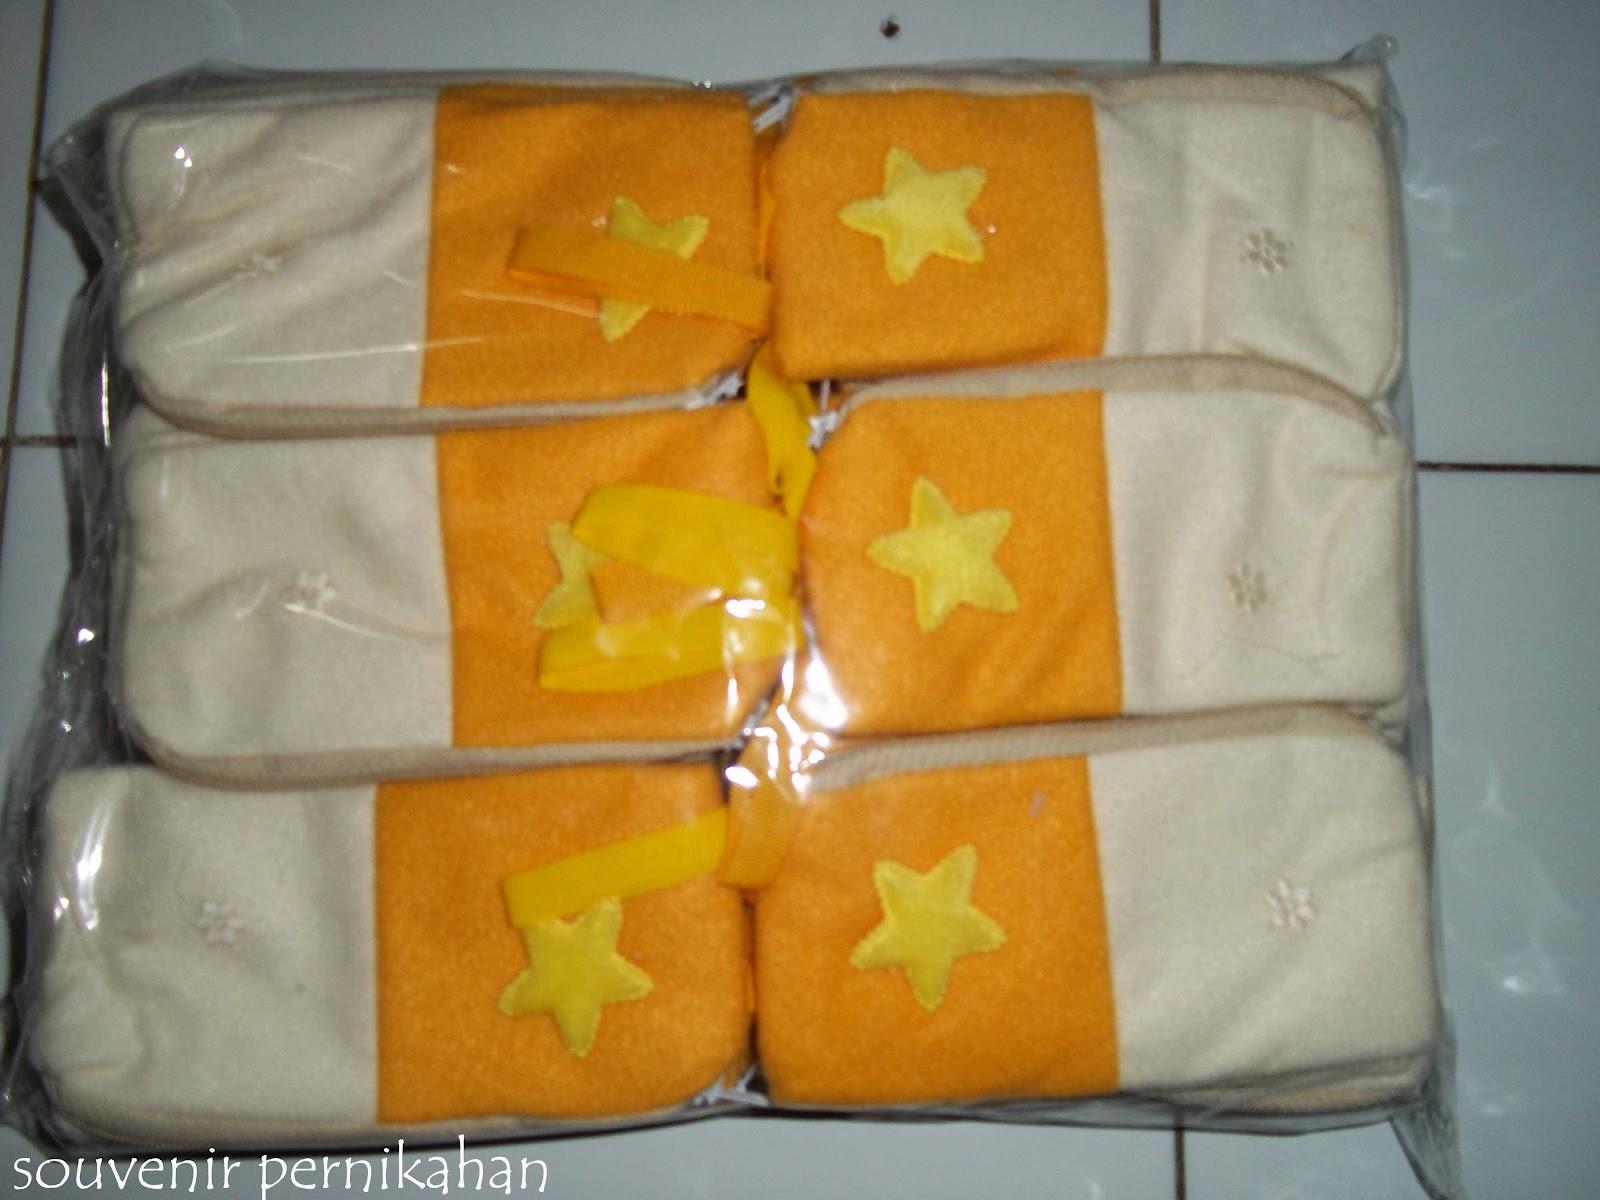 Souvenir Pernikahan Murah Sarung Hp BLUDRU Crem Orange